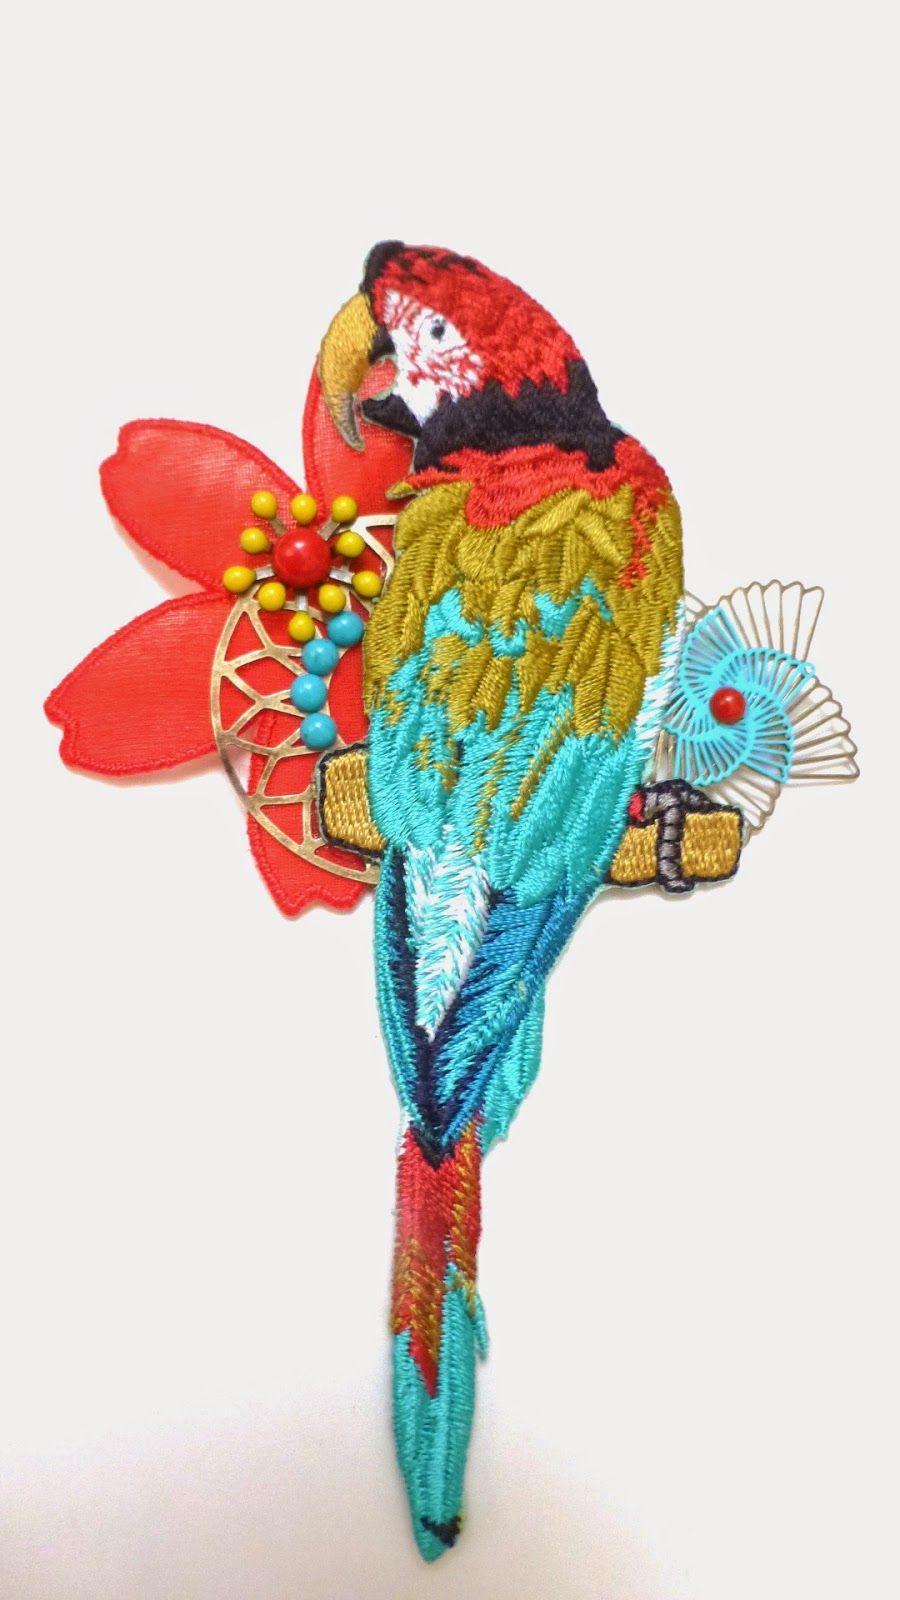 Broche perroquet Brésil à partir d'un écusson / Parrot brooch Brazil